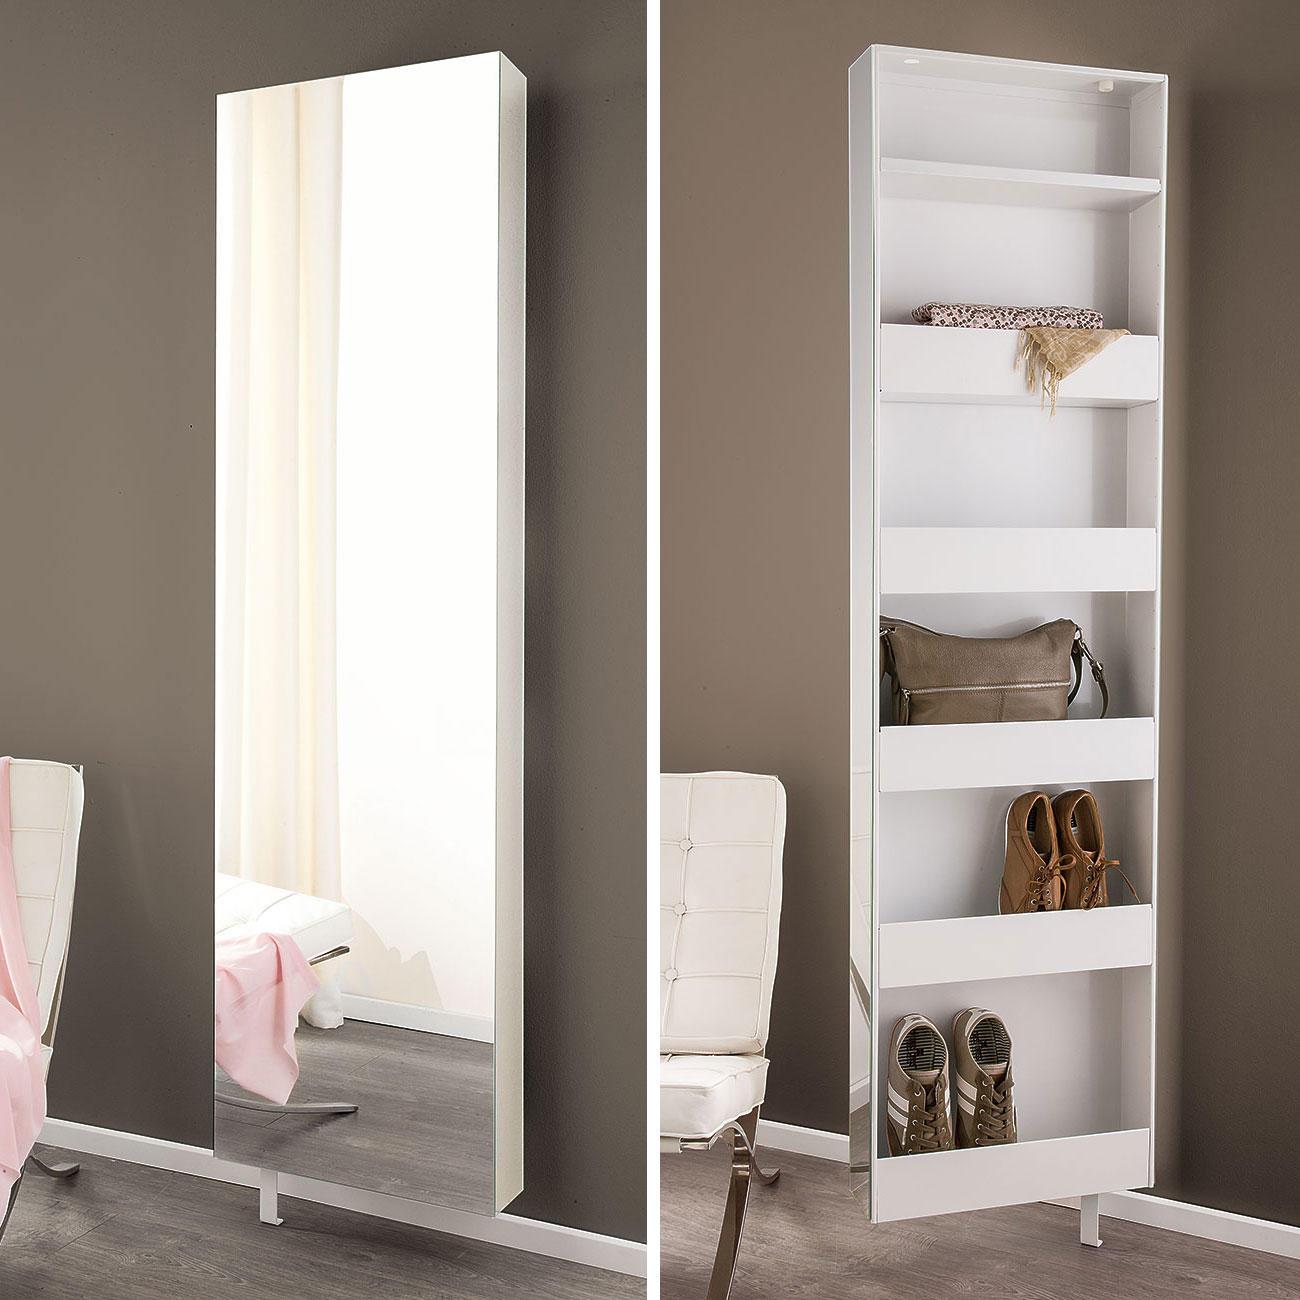 probell spiegel drehschrank mit 3 jahren garantie. Black Bedroom Furniture Sets. Home Design Ideas